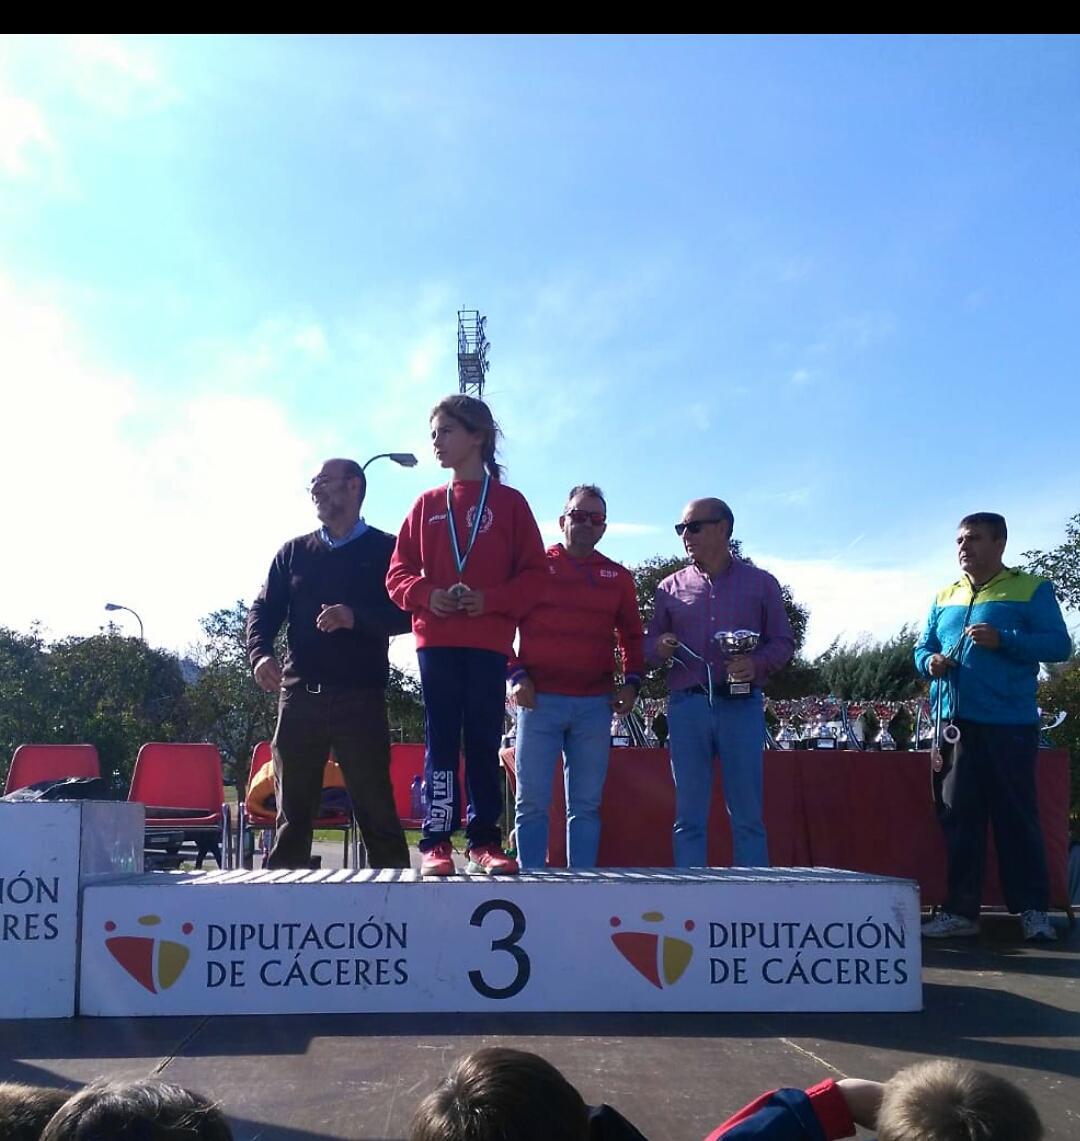 Resultados del Club Atletismo Don Benito en el XXXV Trofeo Diputación de Cáceres de Campo a Través